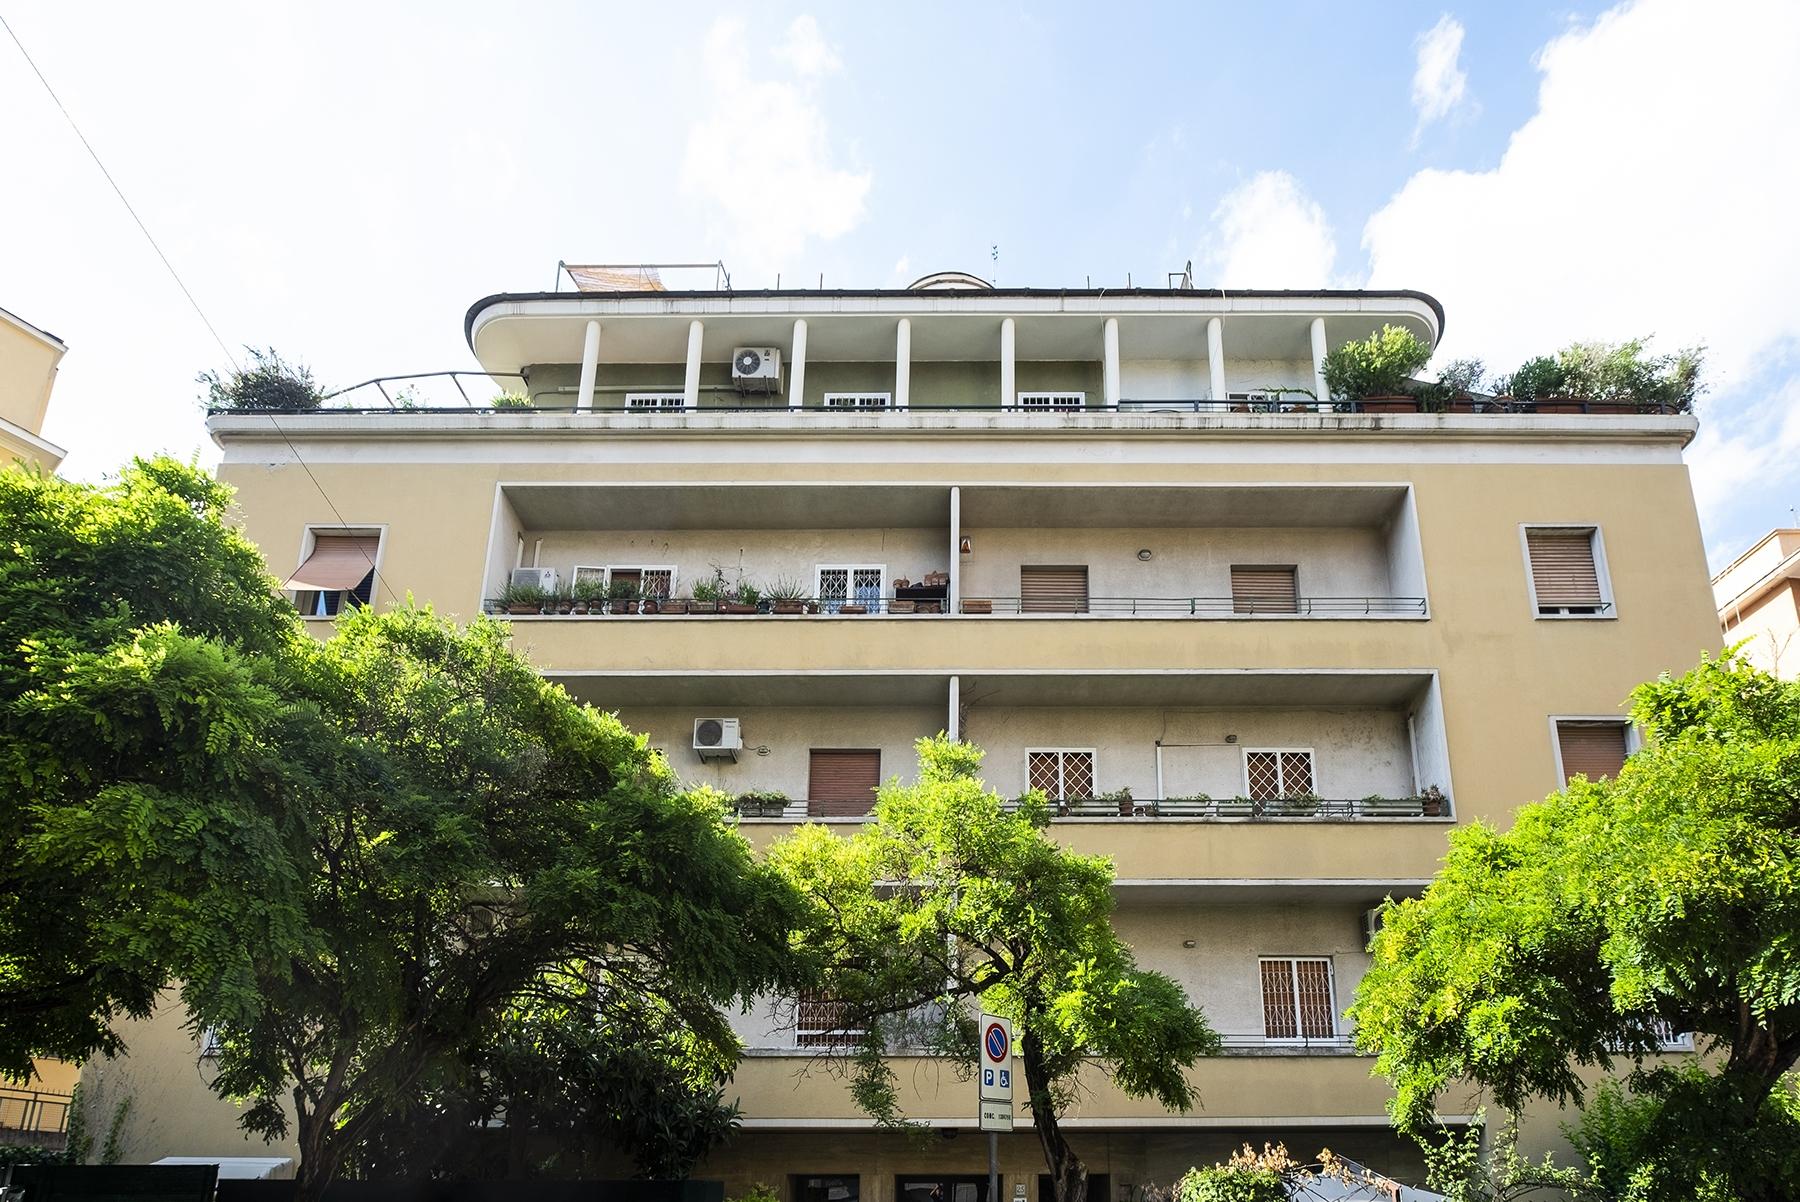 Appartamento in Vendita a Roma via dei giordani